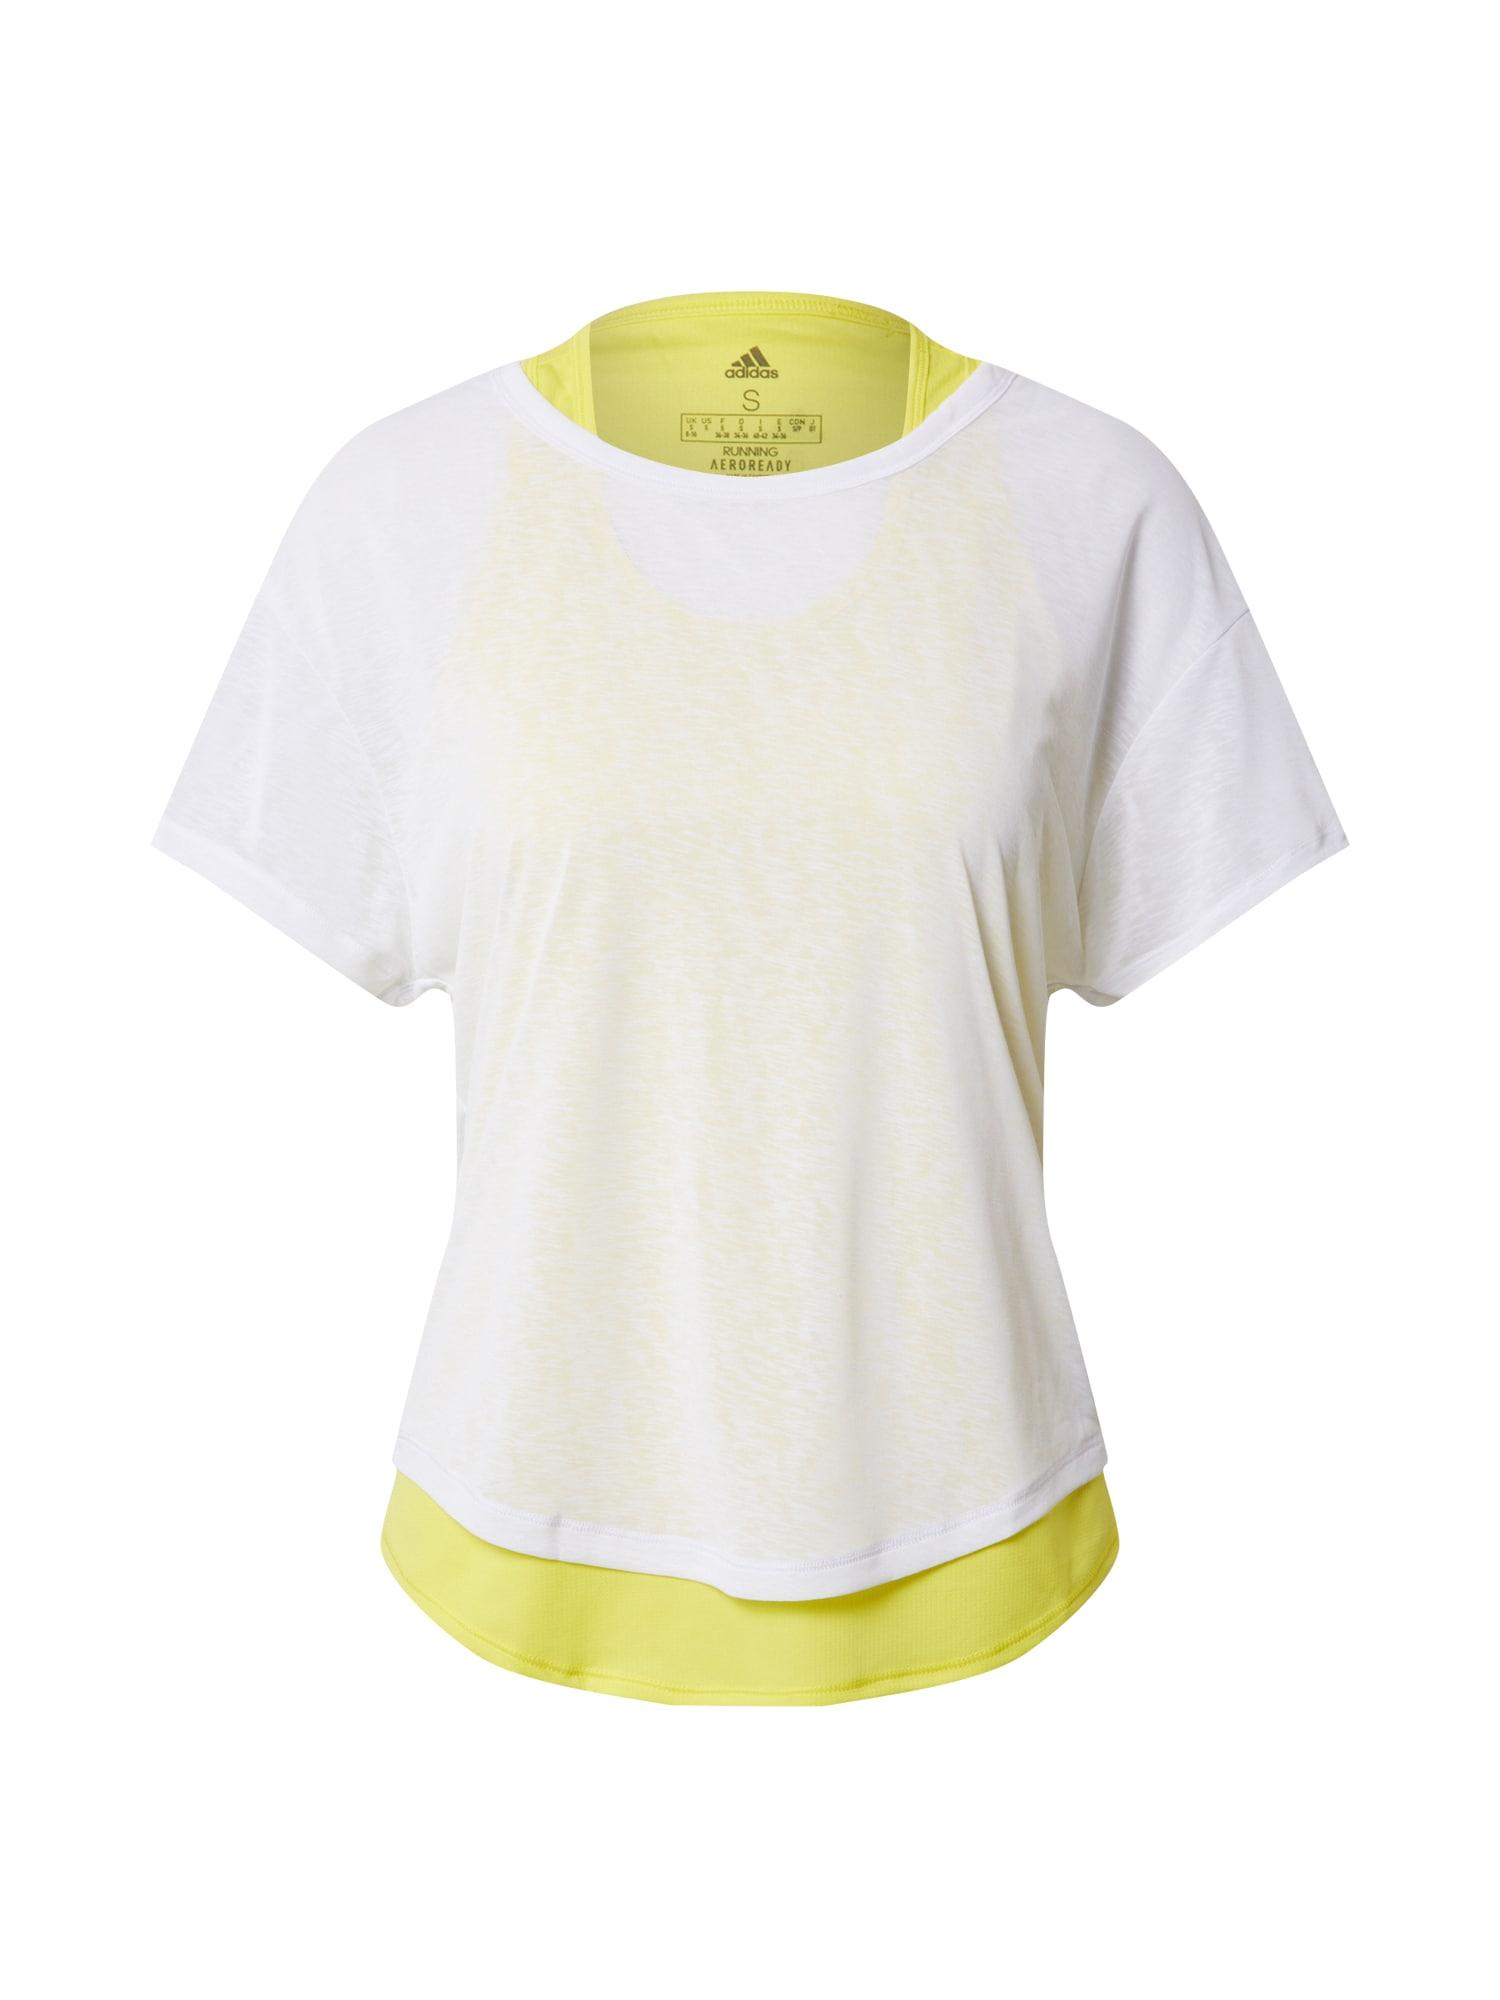 ADIDAS PERFORMANCE Sportiniai marškinėliai balta / neoninė žalia